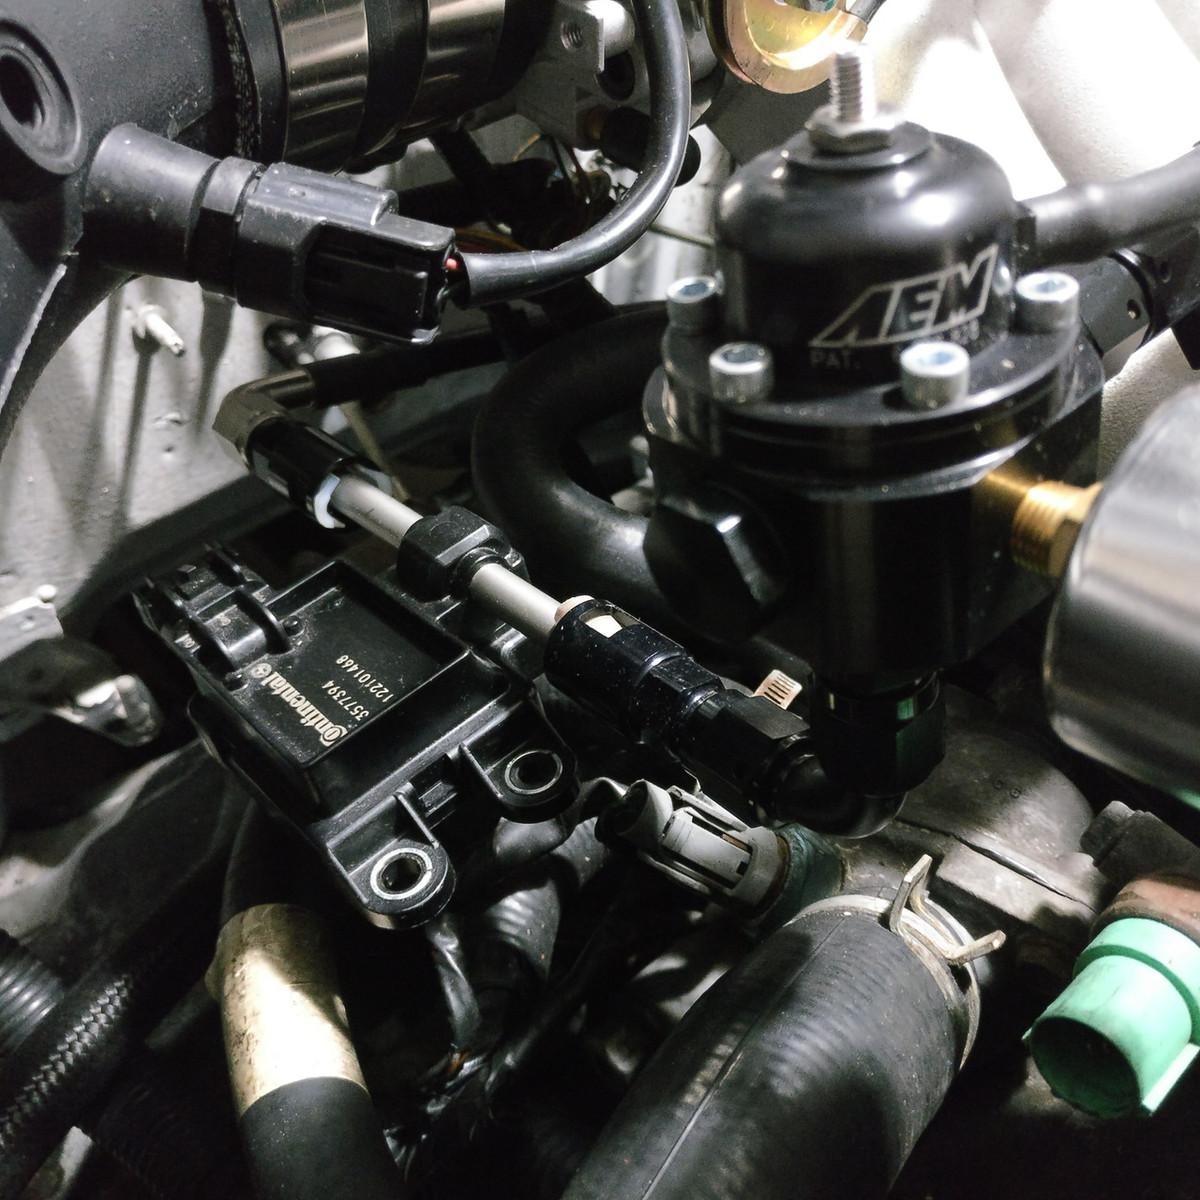 jbtuned flex fuel e85 fuel system conversion civic integra b d series [ 1200 x 1200 Pixel ]